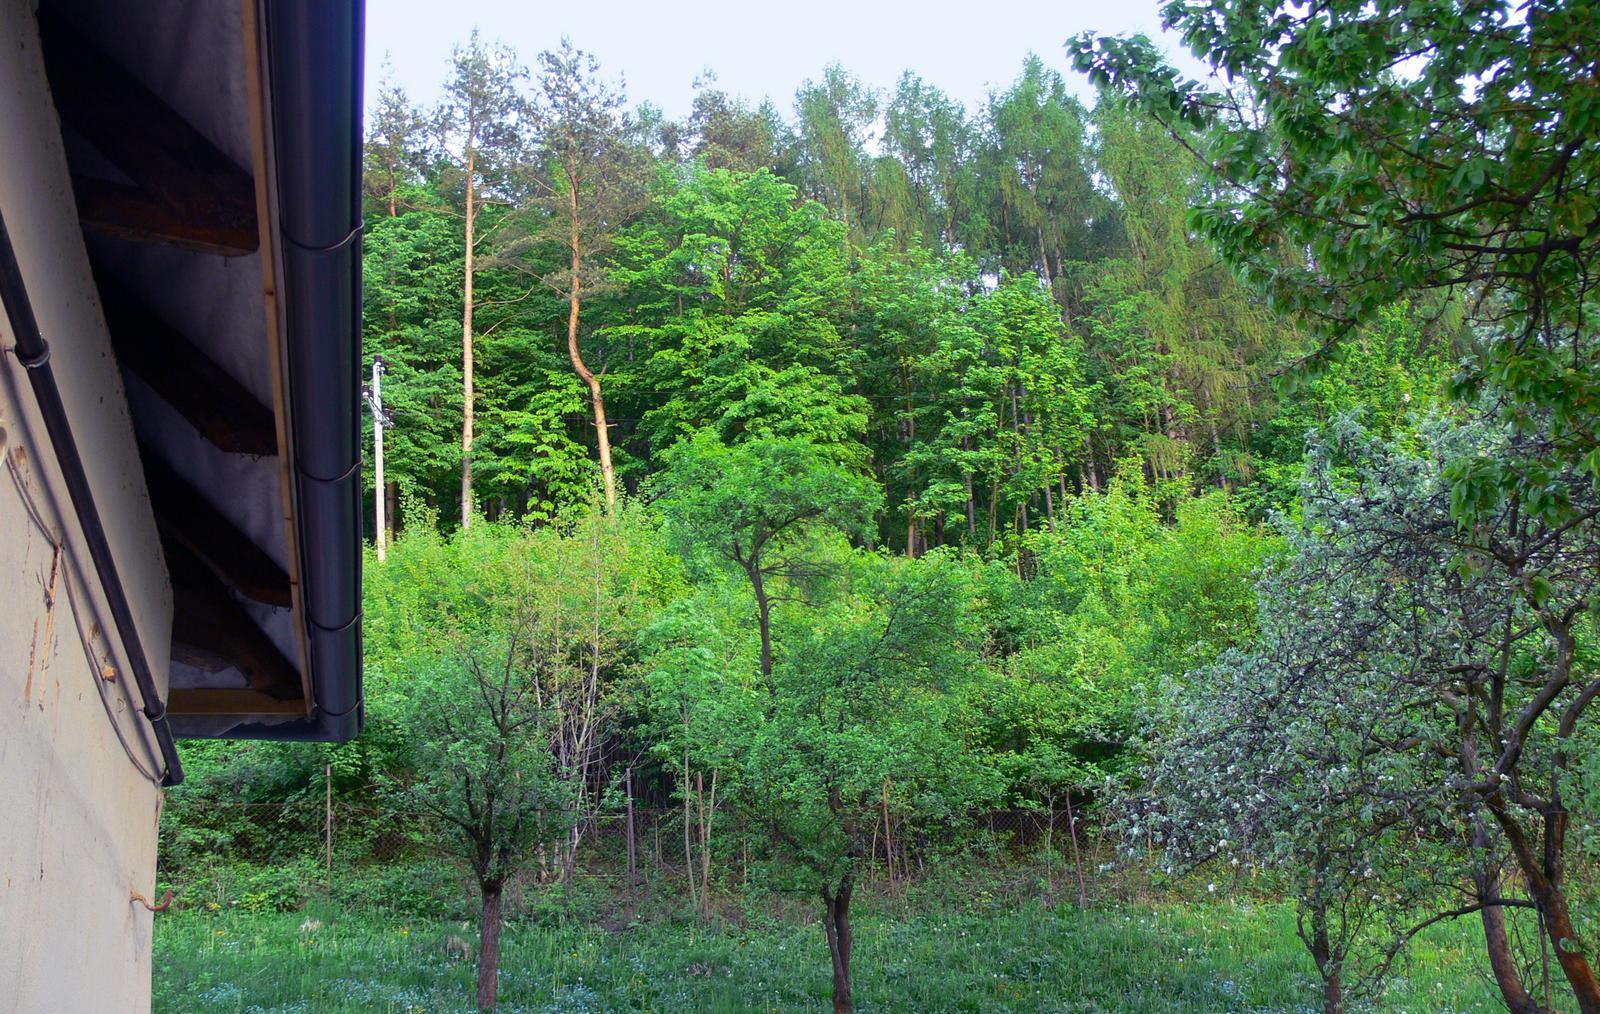 V zelenom dome - pohľad na zelený les  ma vždy poteší